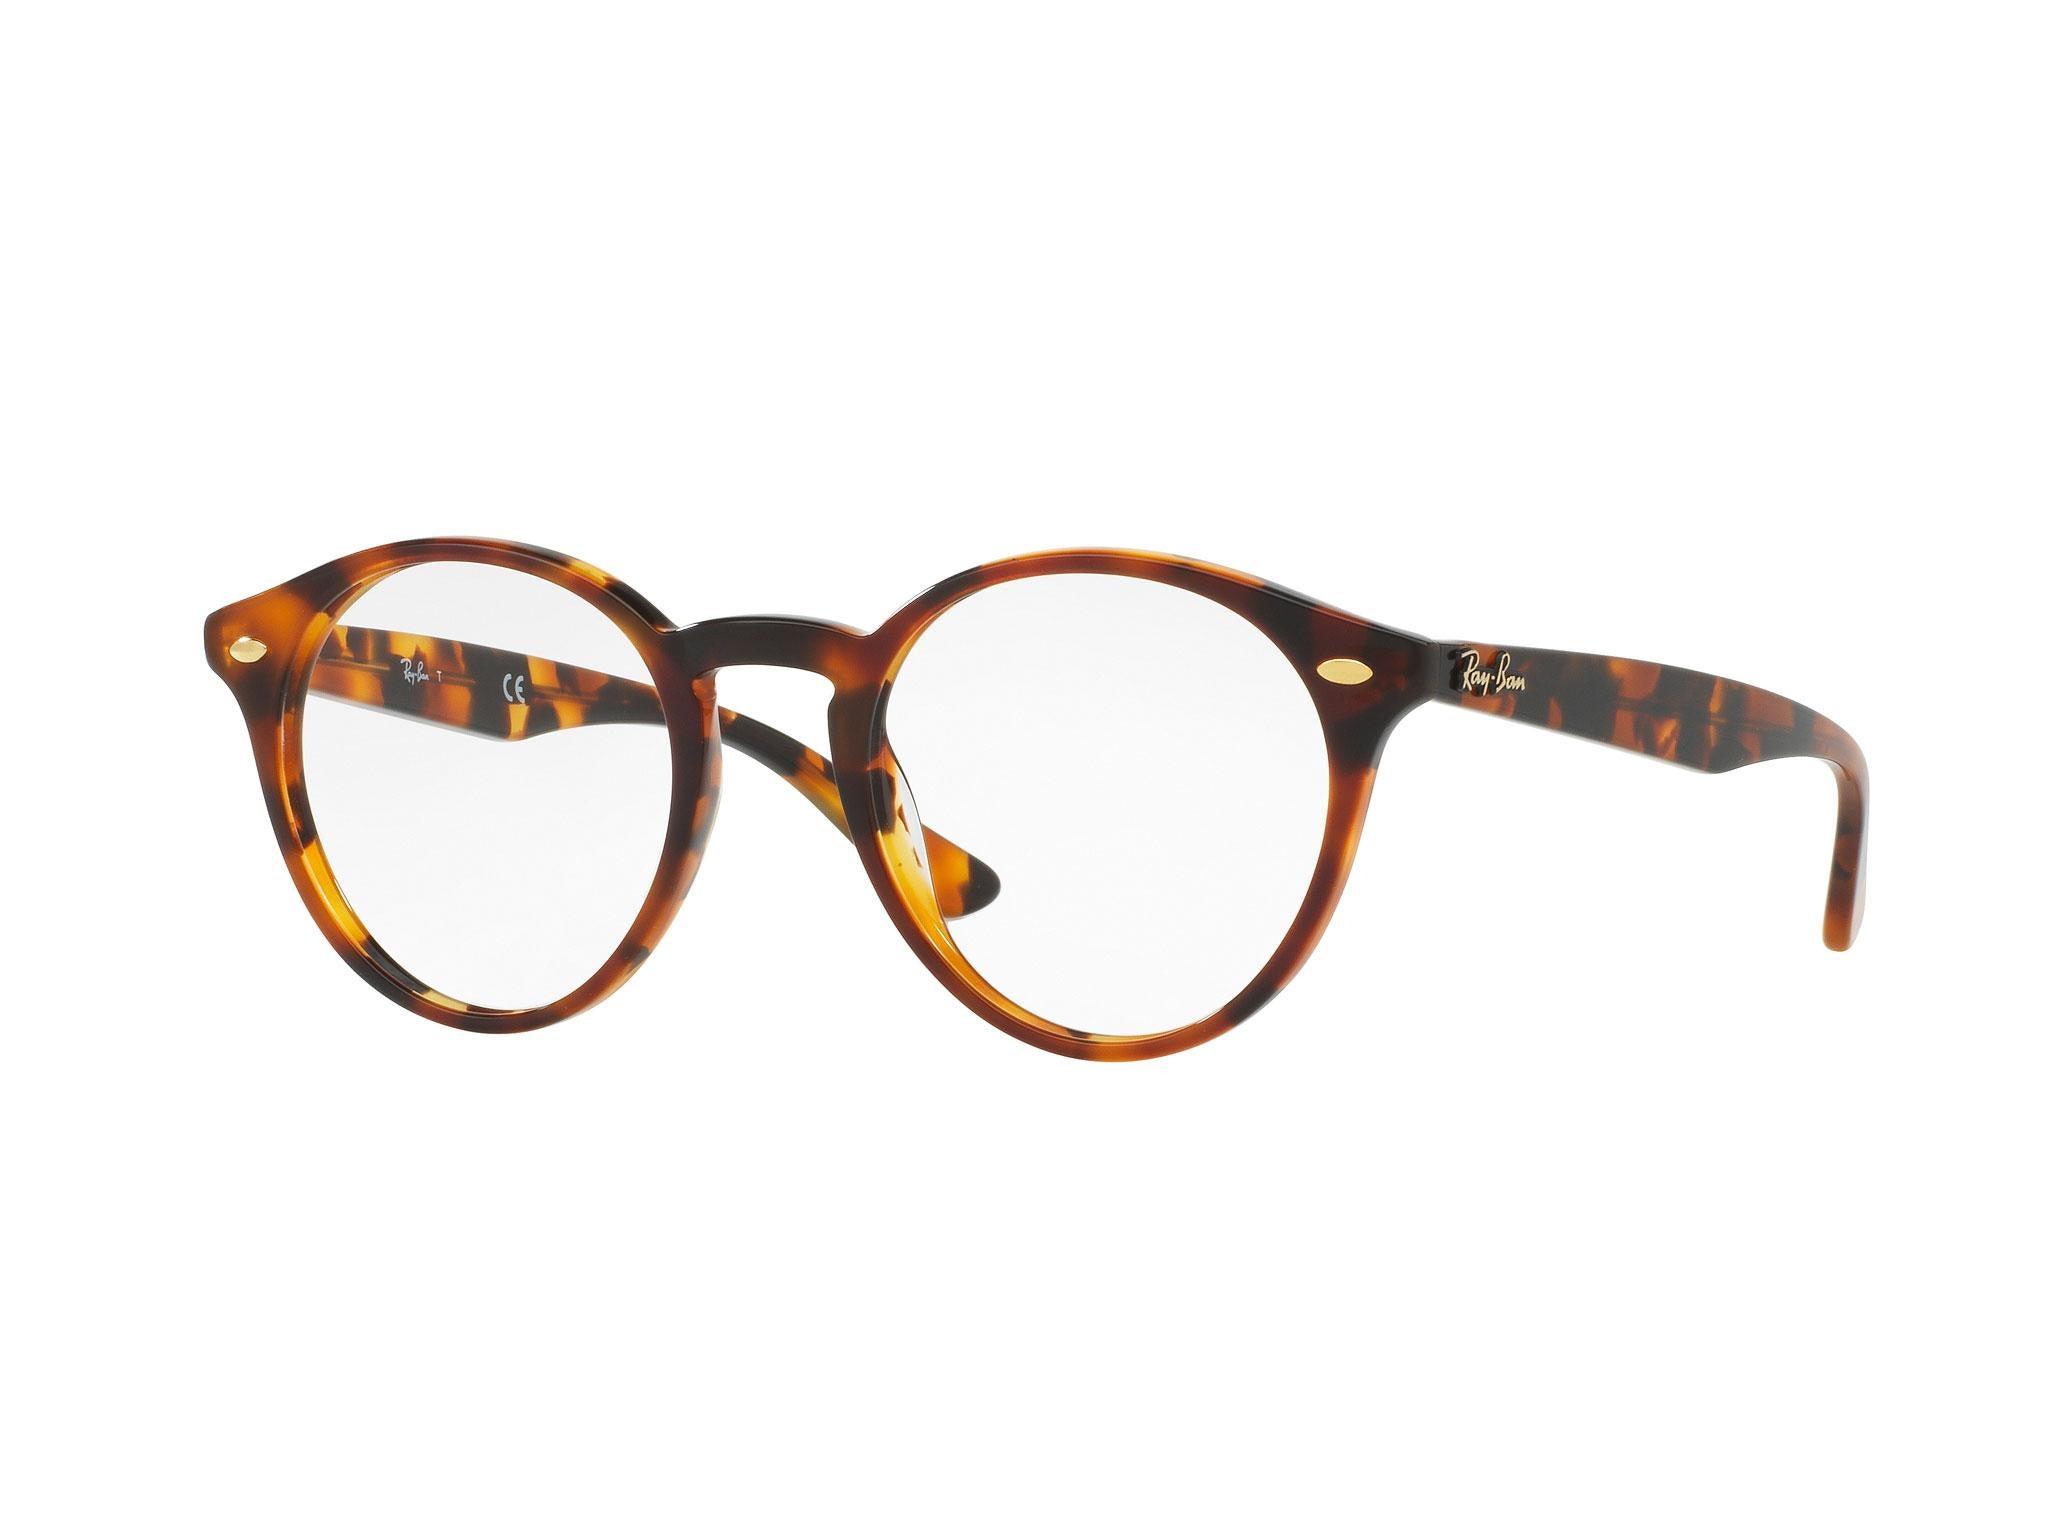 Top 10 Independent Eyewear Brands